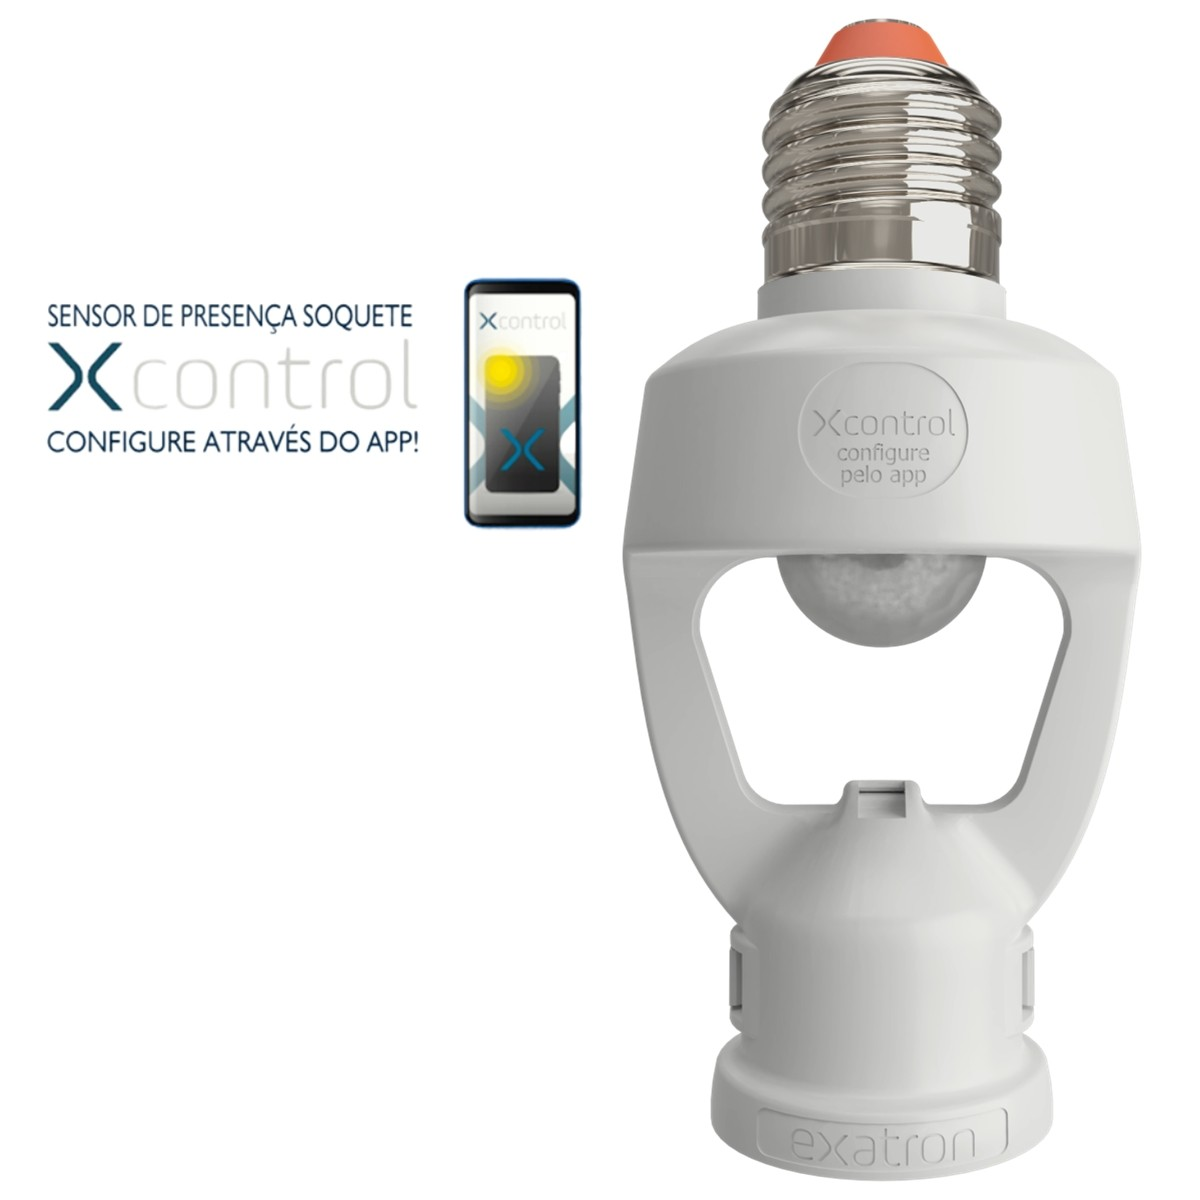 Foto 1 - Sensor de Presença Soquete E27 XControl Ajuste de Tempo pelo App